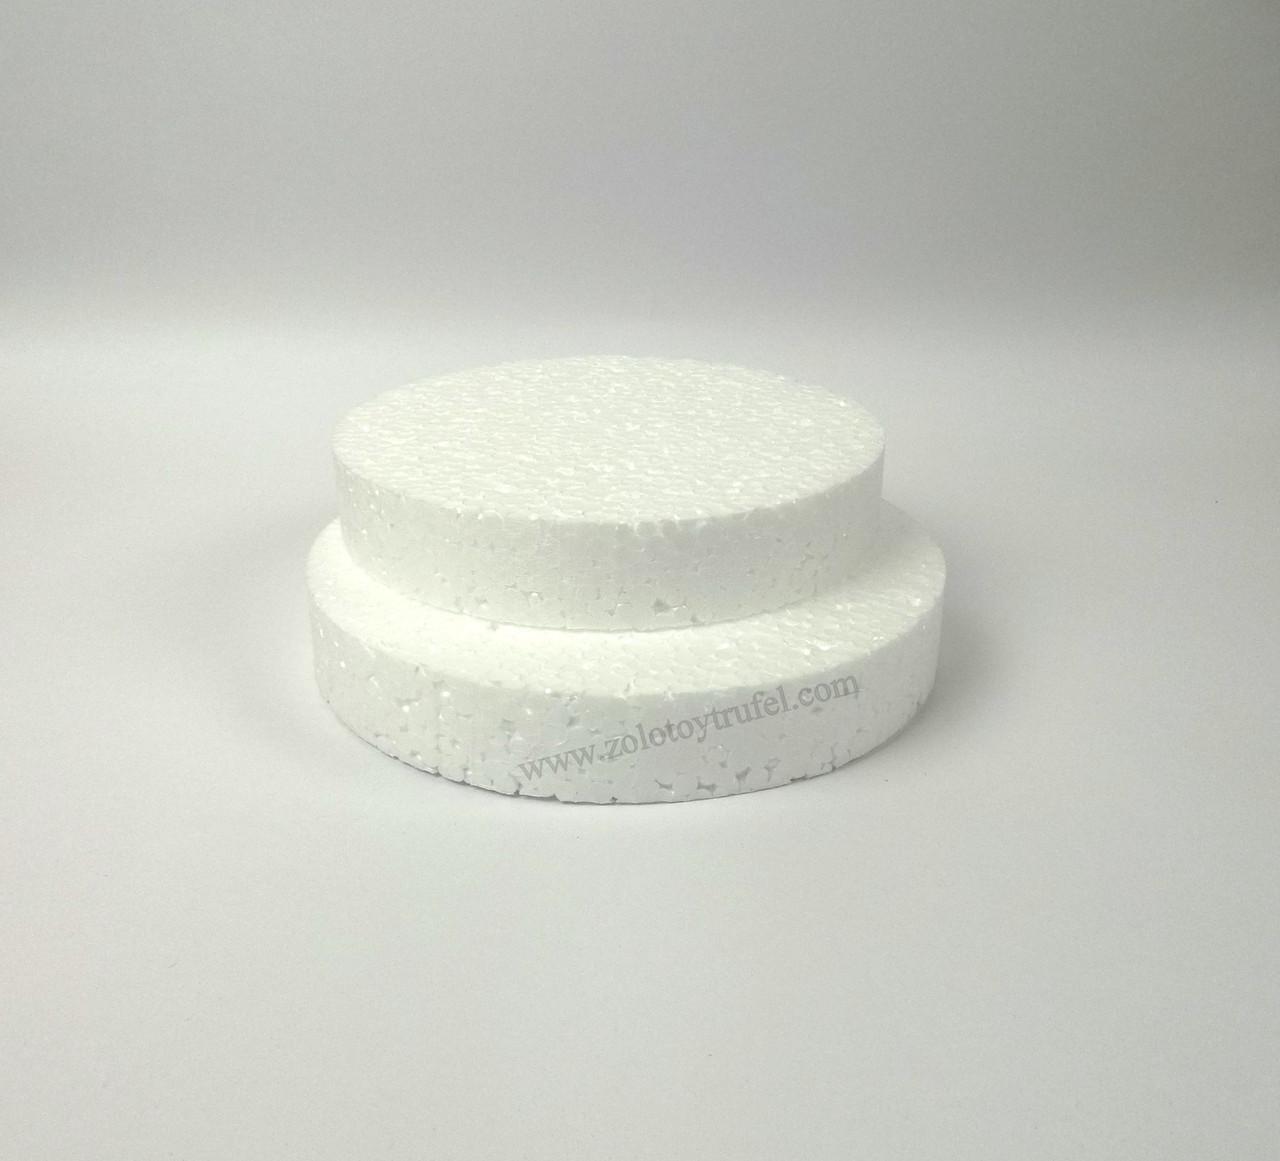 Прослойки пенопластовые для торта d 40 см h 3 см